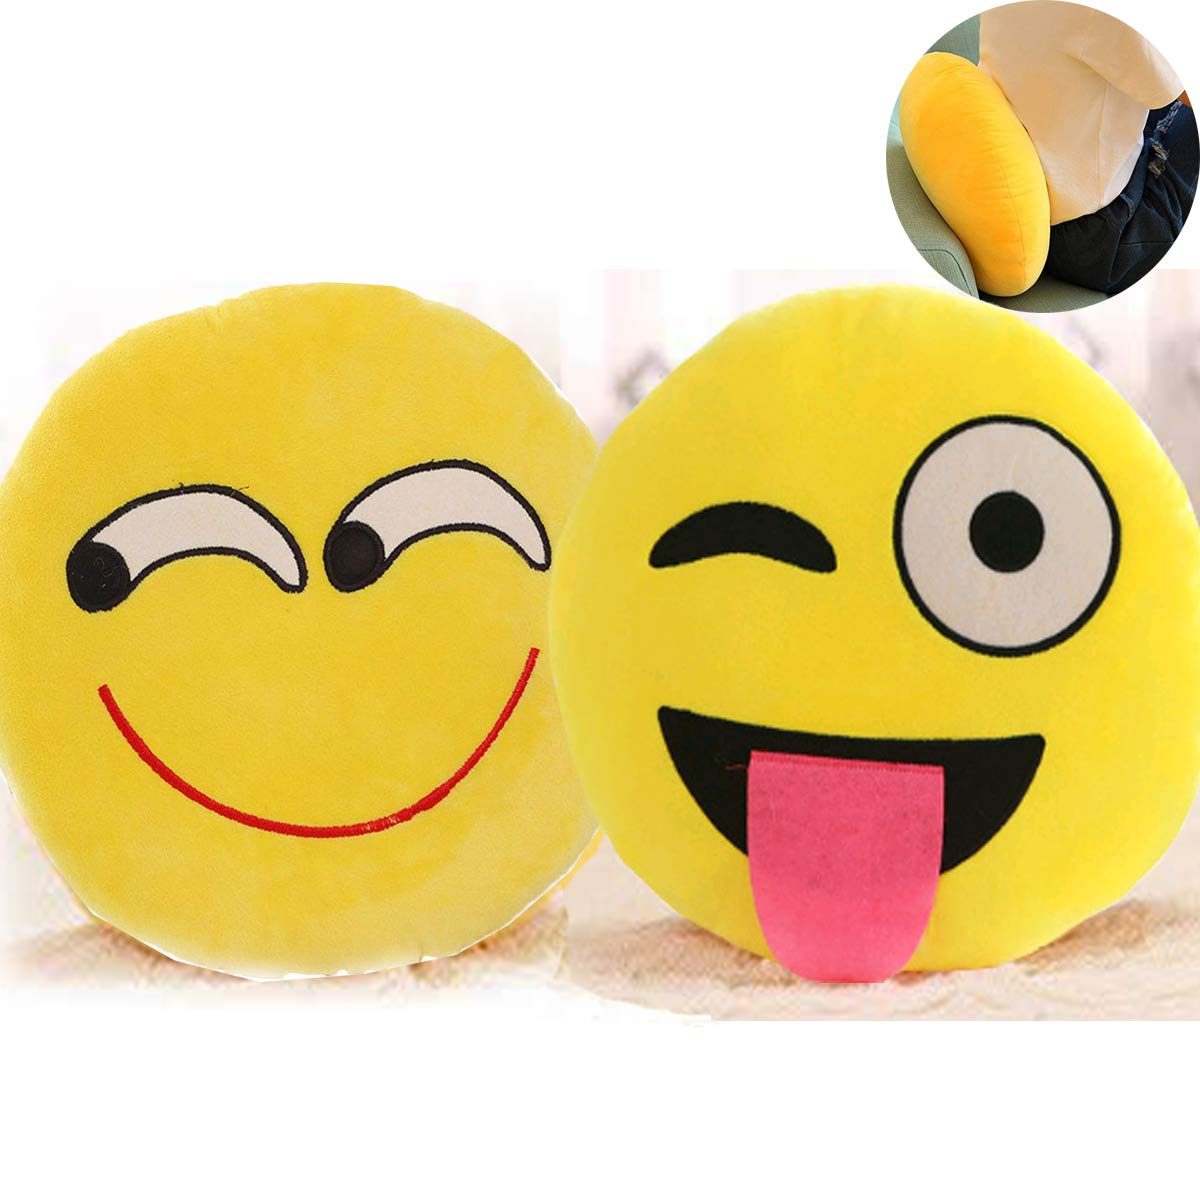 Mengger Cojín Emoticono Emoji Almohada Peluche 2 Piezas ...